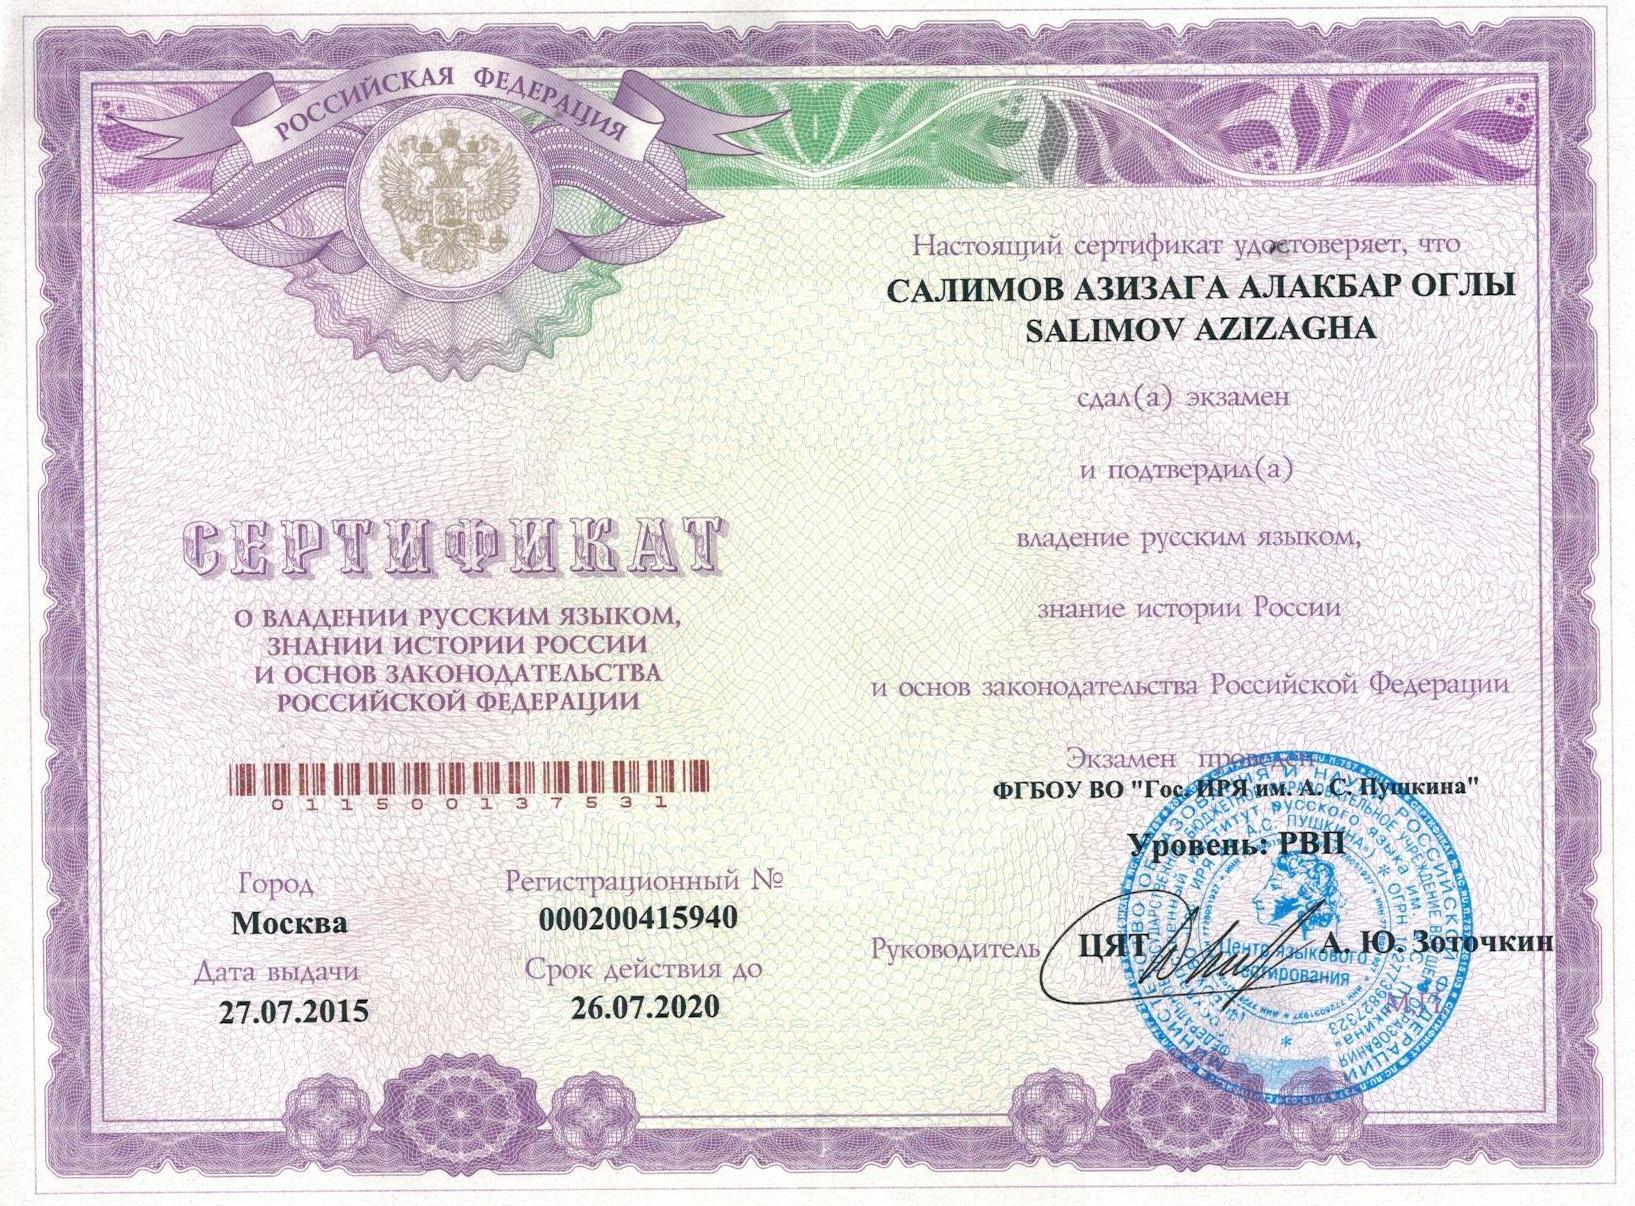 Мы оказываем помощь в получении сертификата на знание русского языка от РУДН